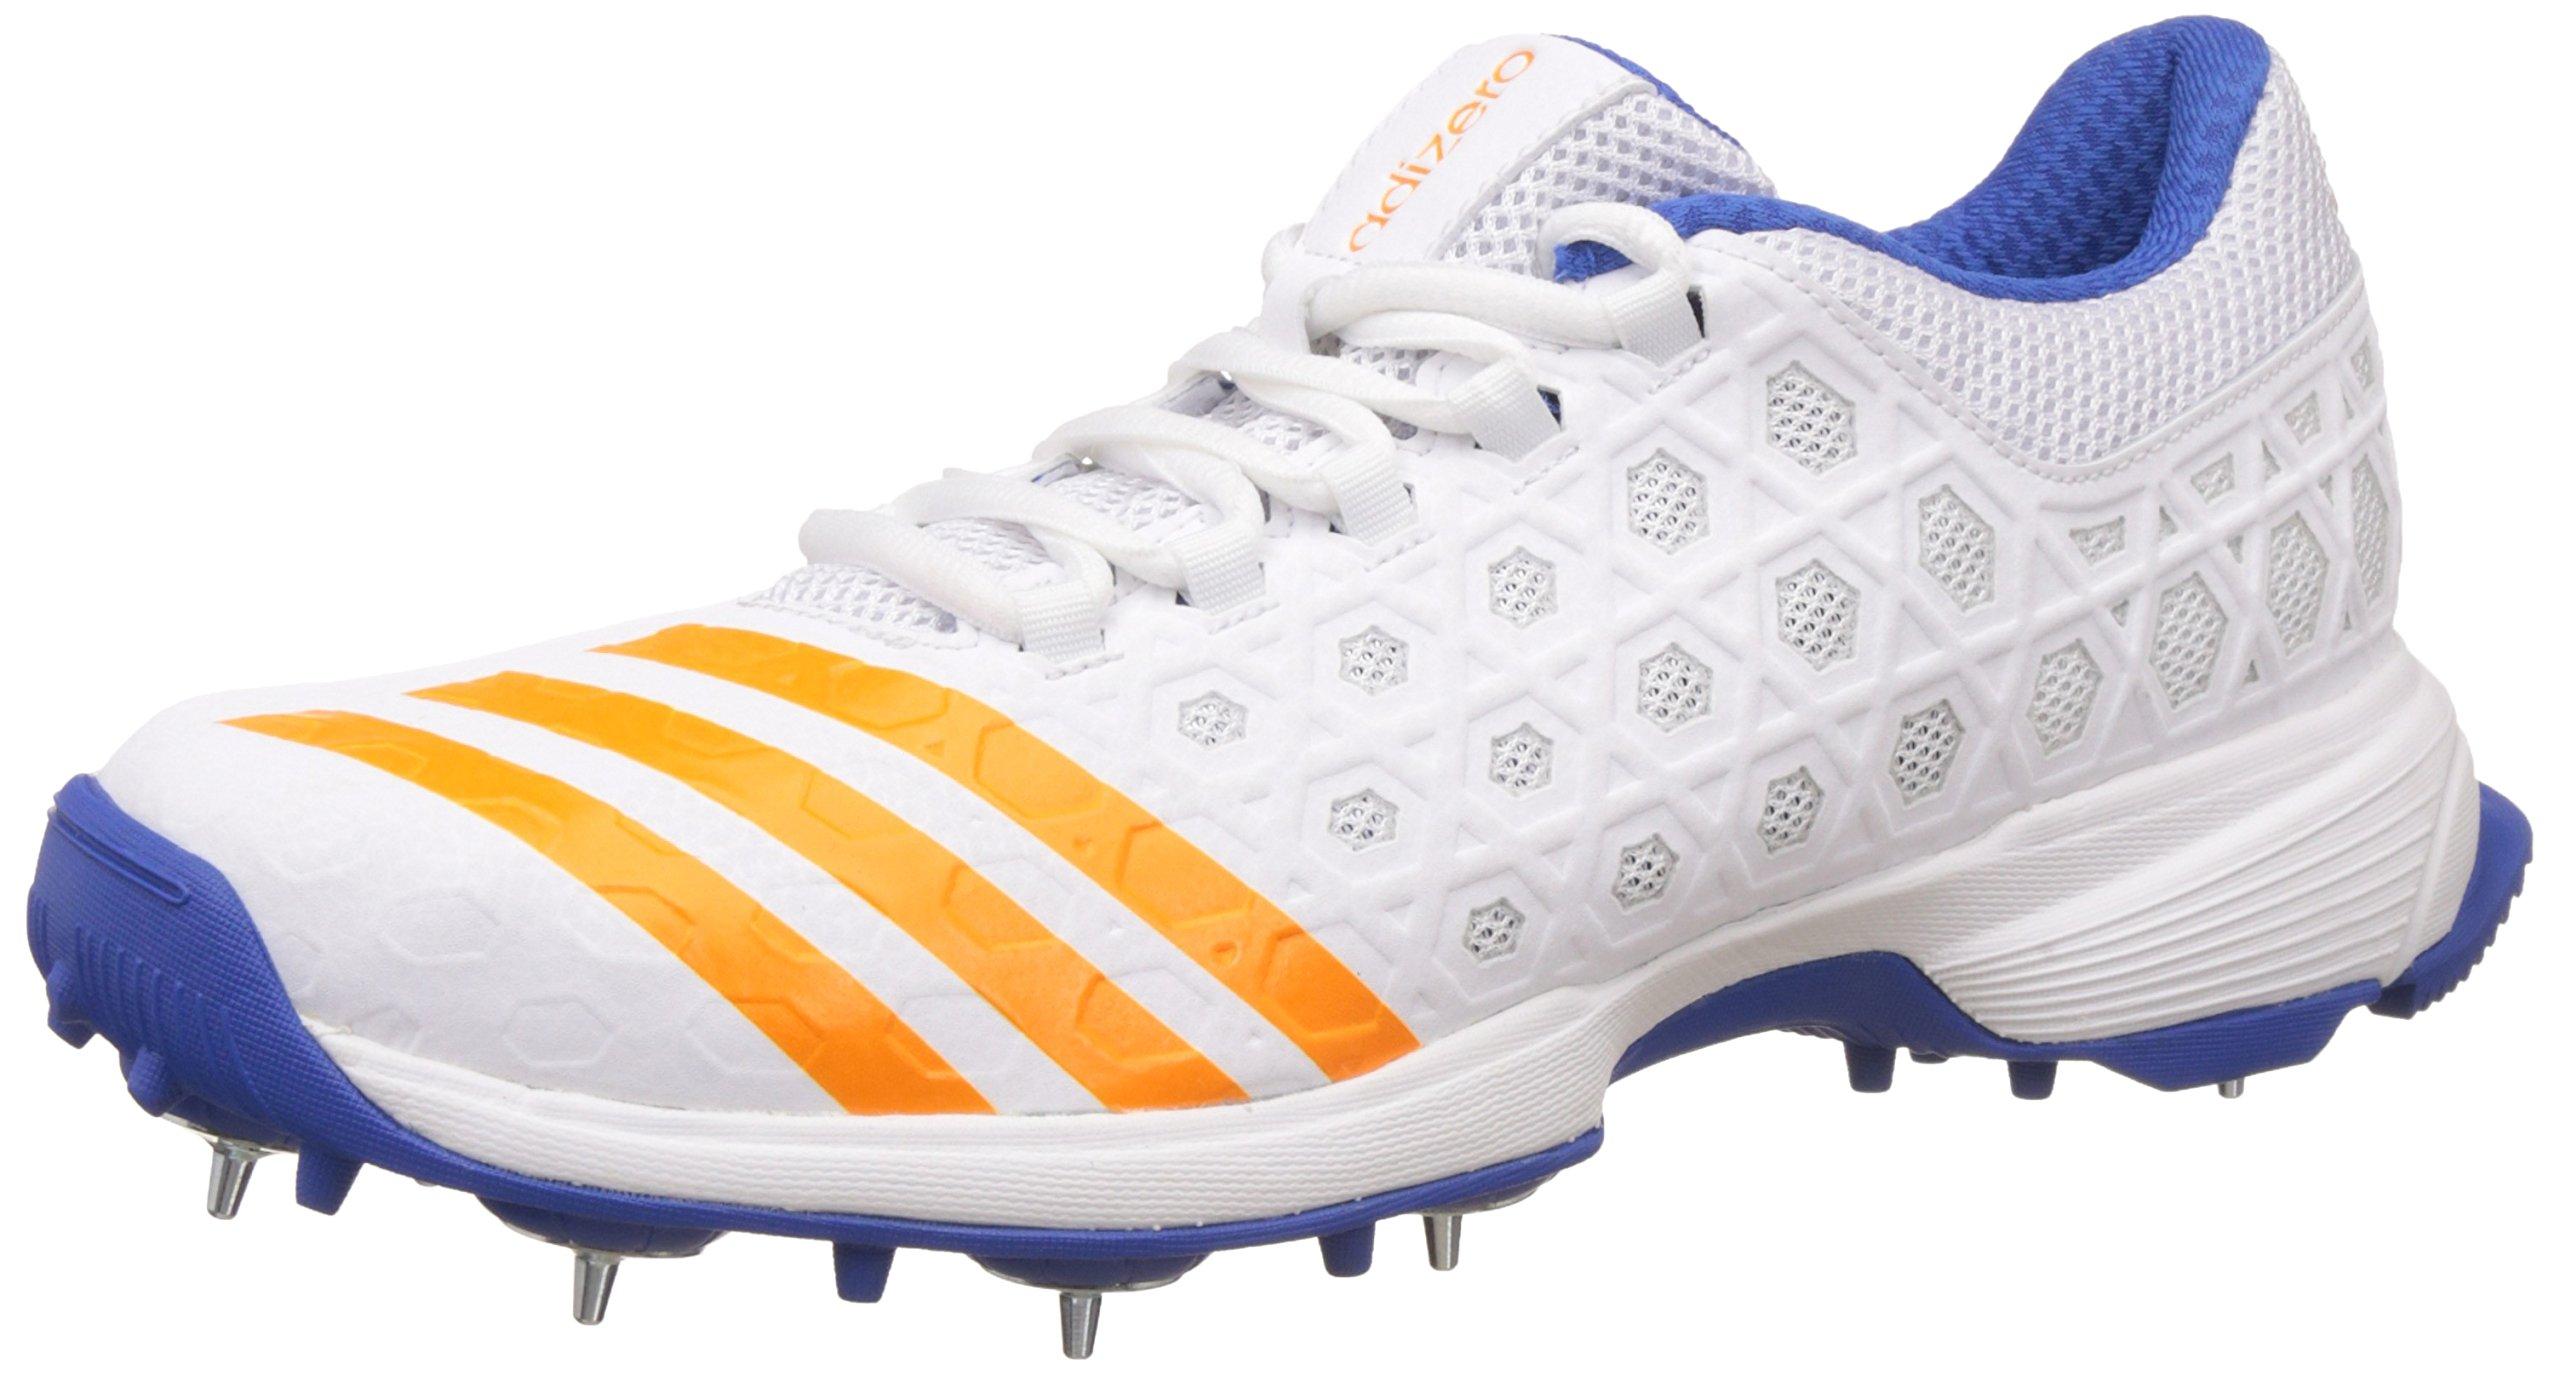 adidas Adizero SL22 Cricket Shoes - SS17- Buy Online in Aruba at ...